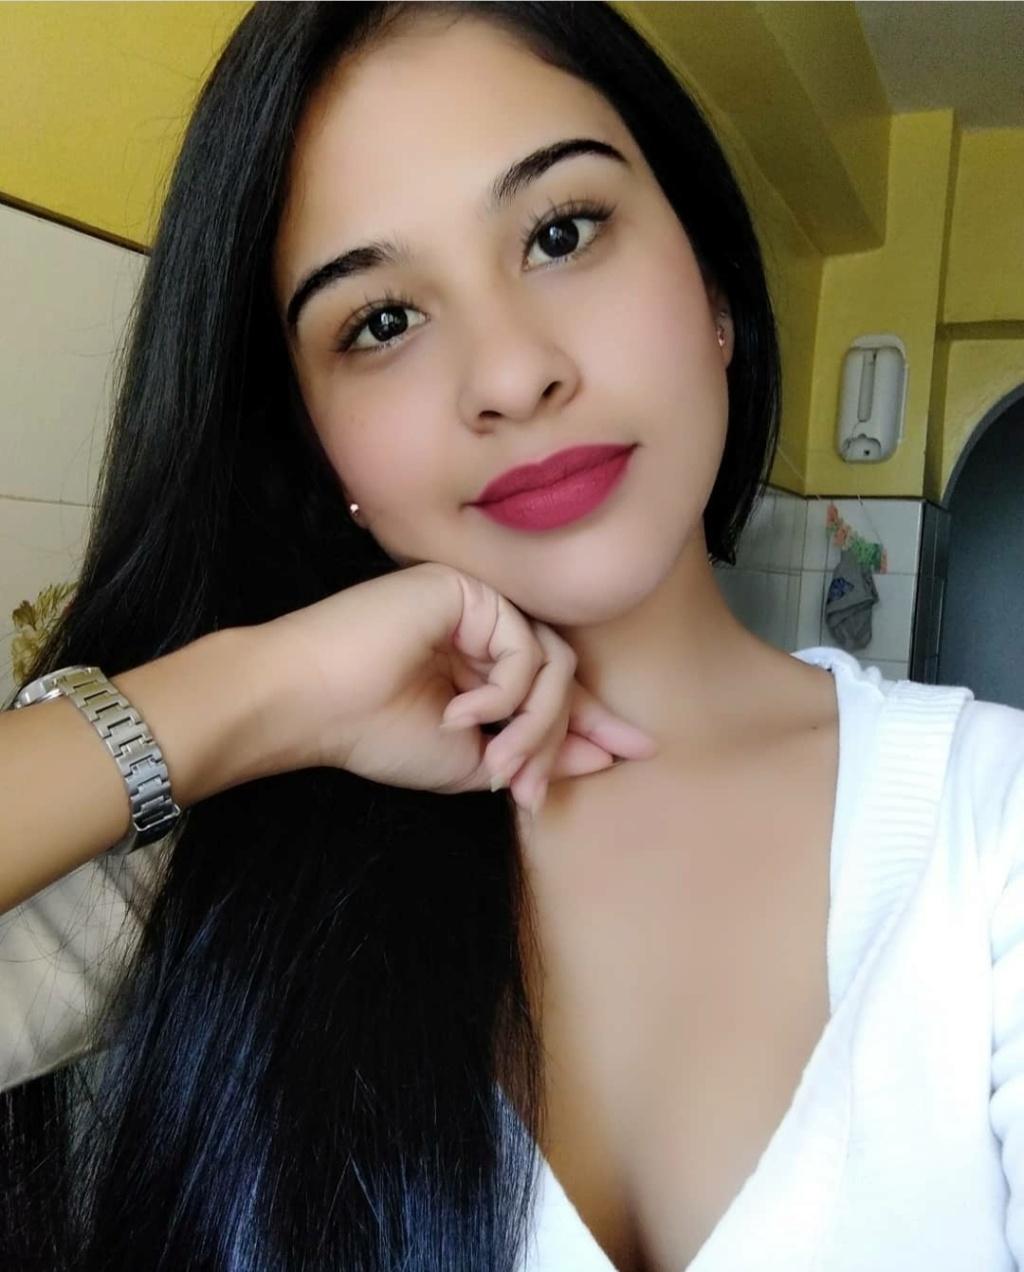 DEBATE sobre belleza, guapura y hermosura (fotos de chicas latinas, mestizas, y de todo) - VOL II - Página 8 Img_2658